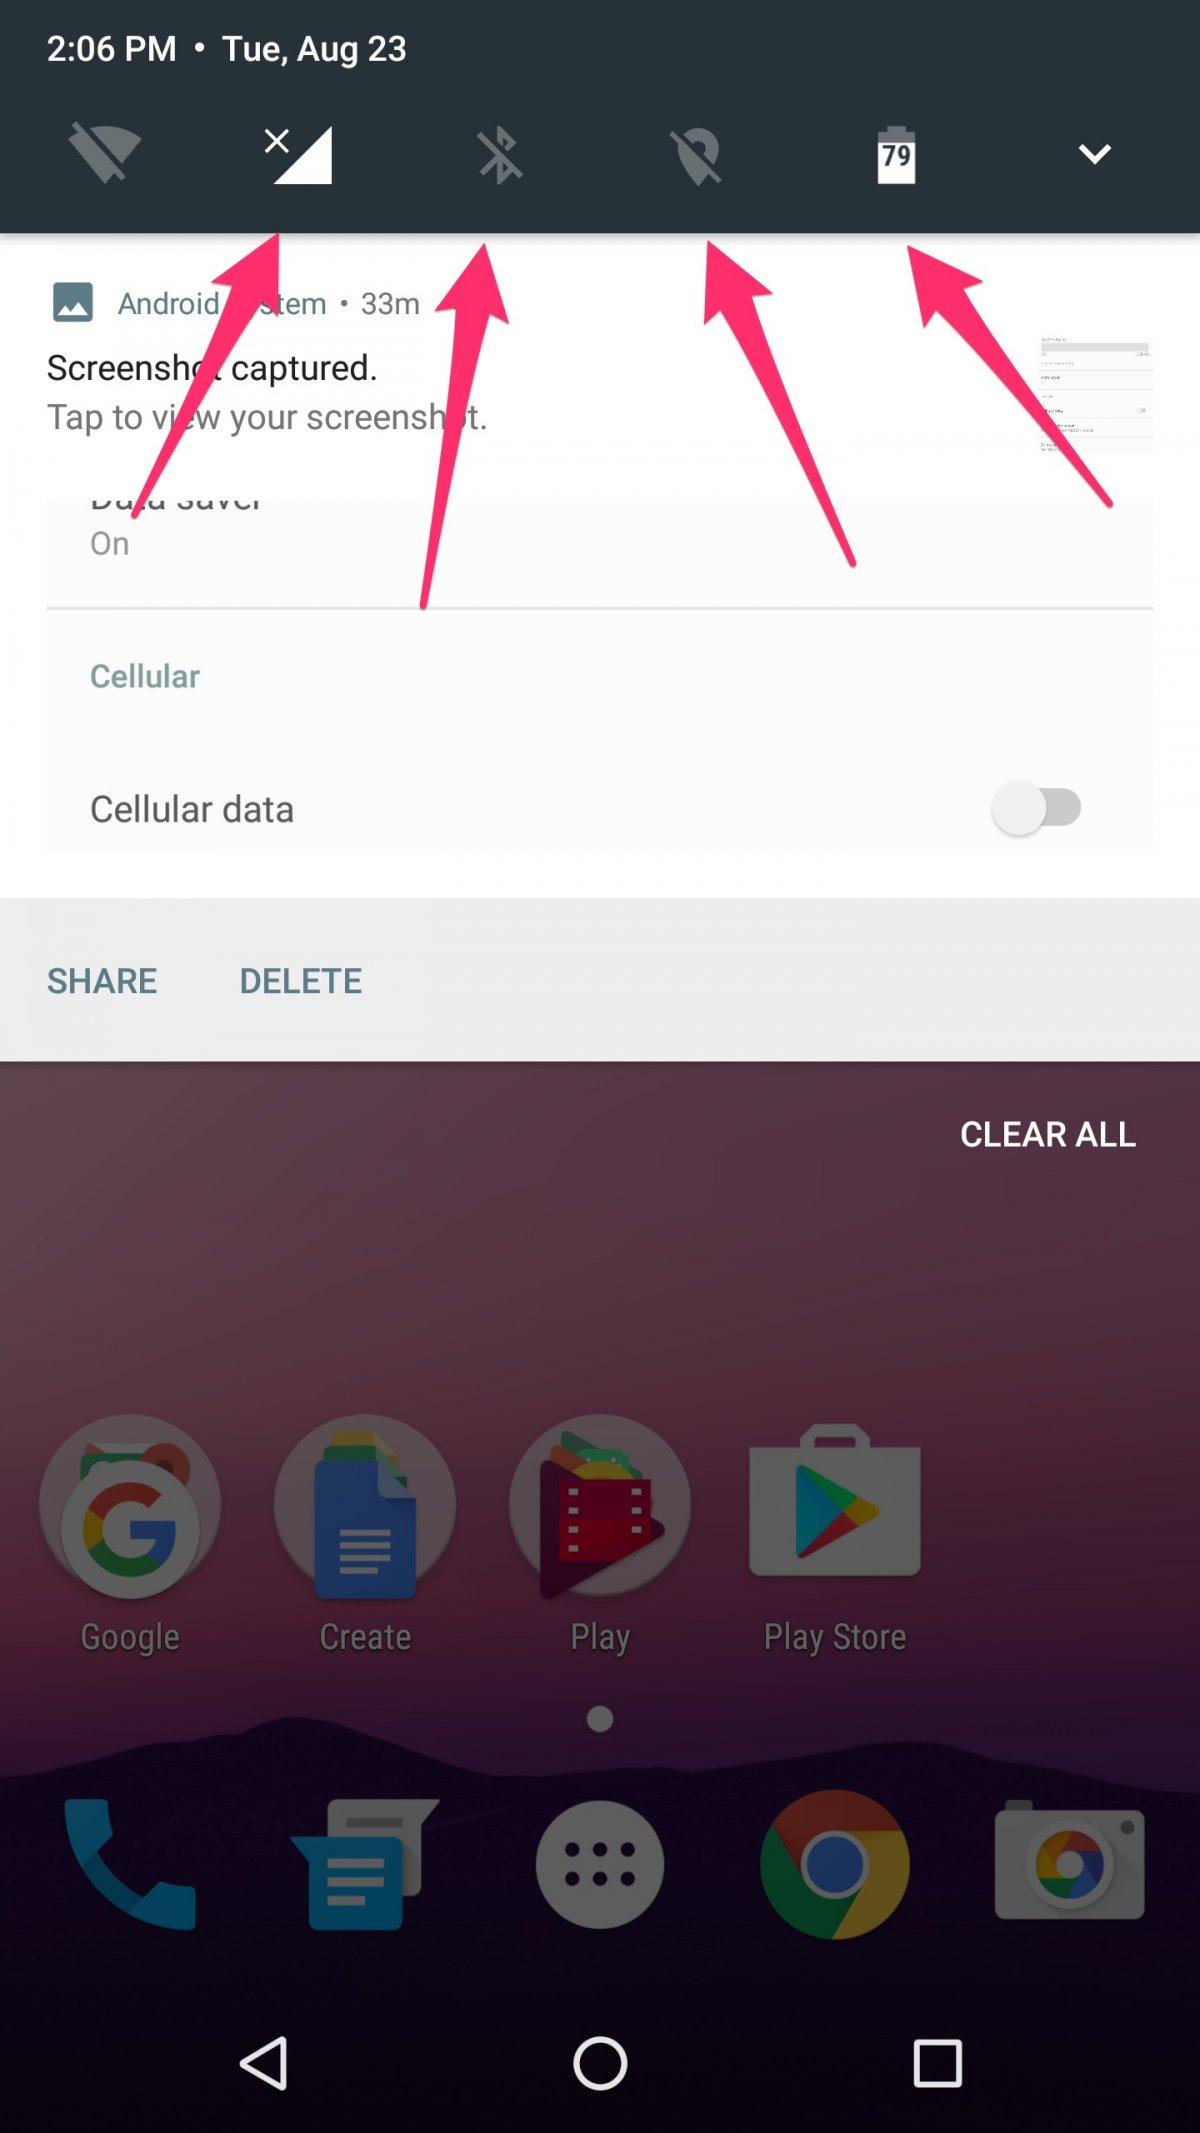 notifikaicje